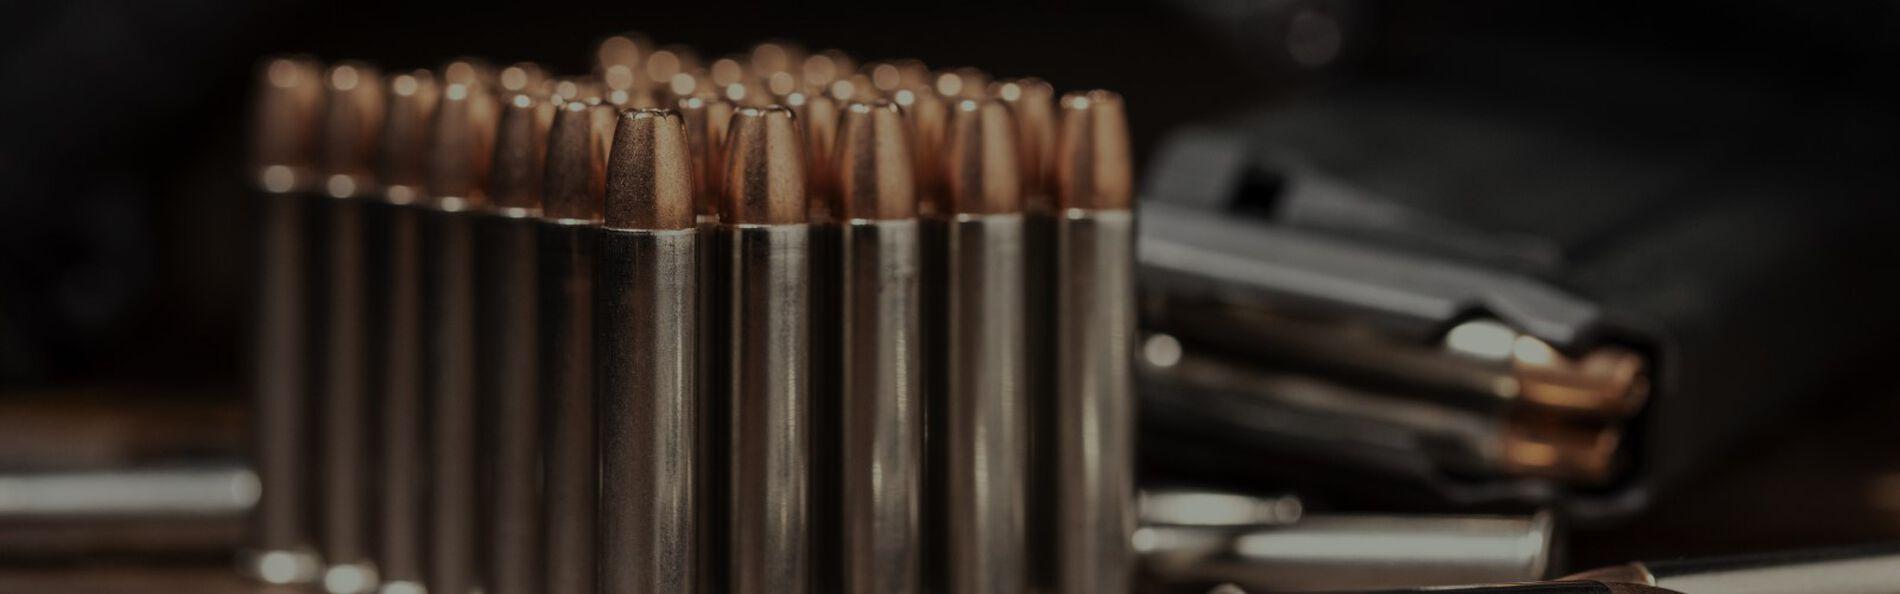 22WMR cartridges